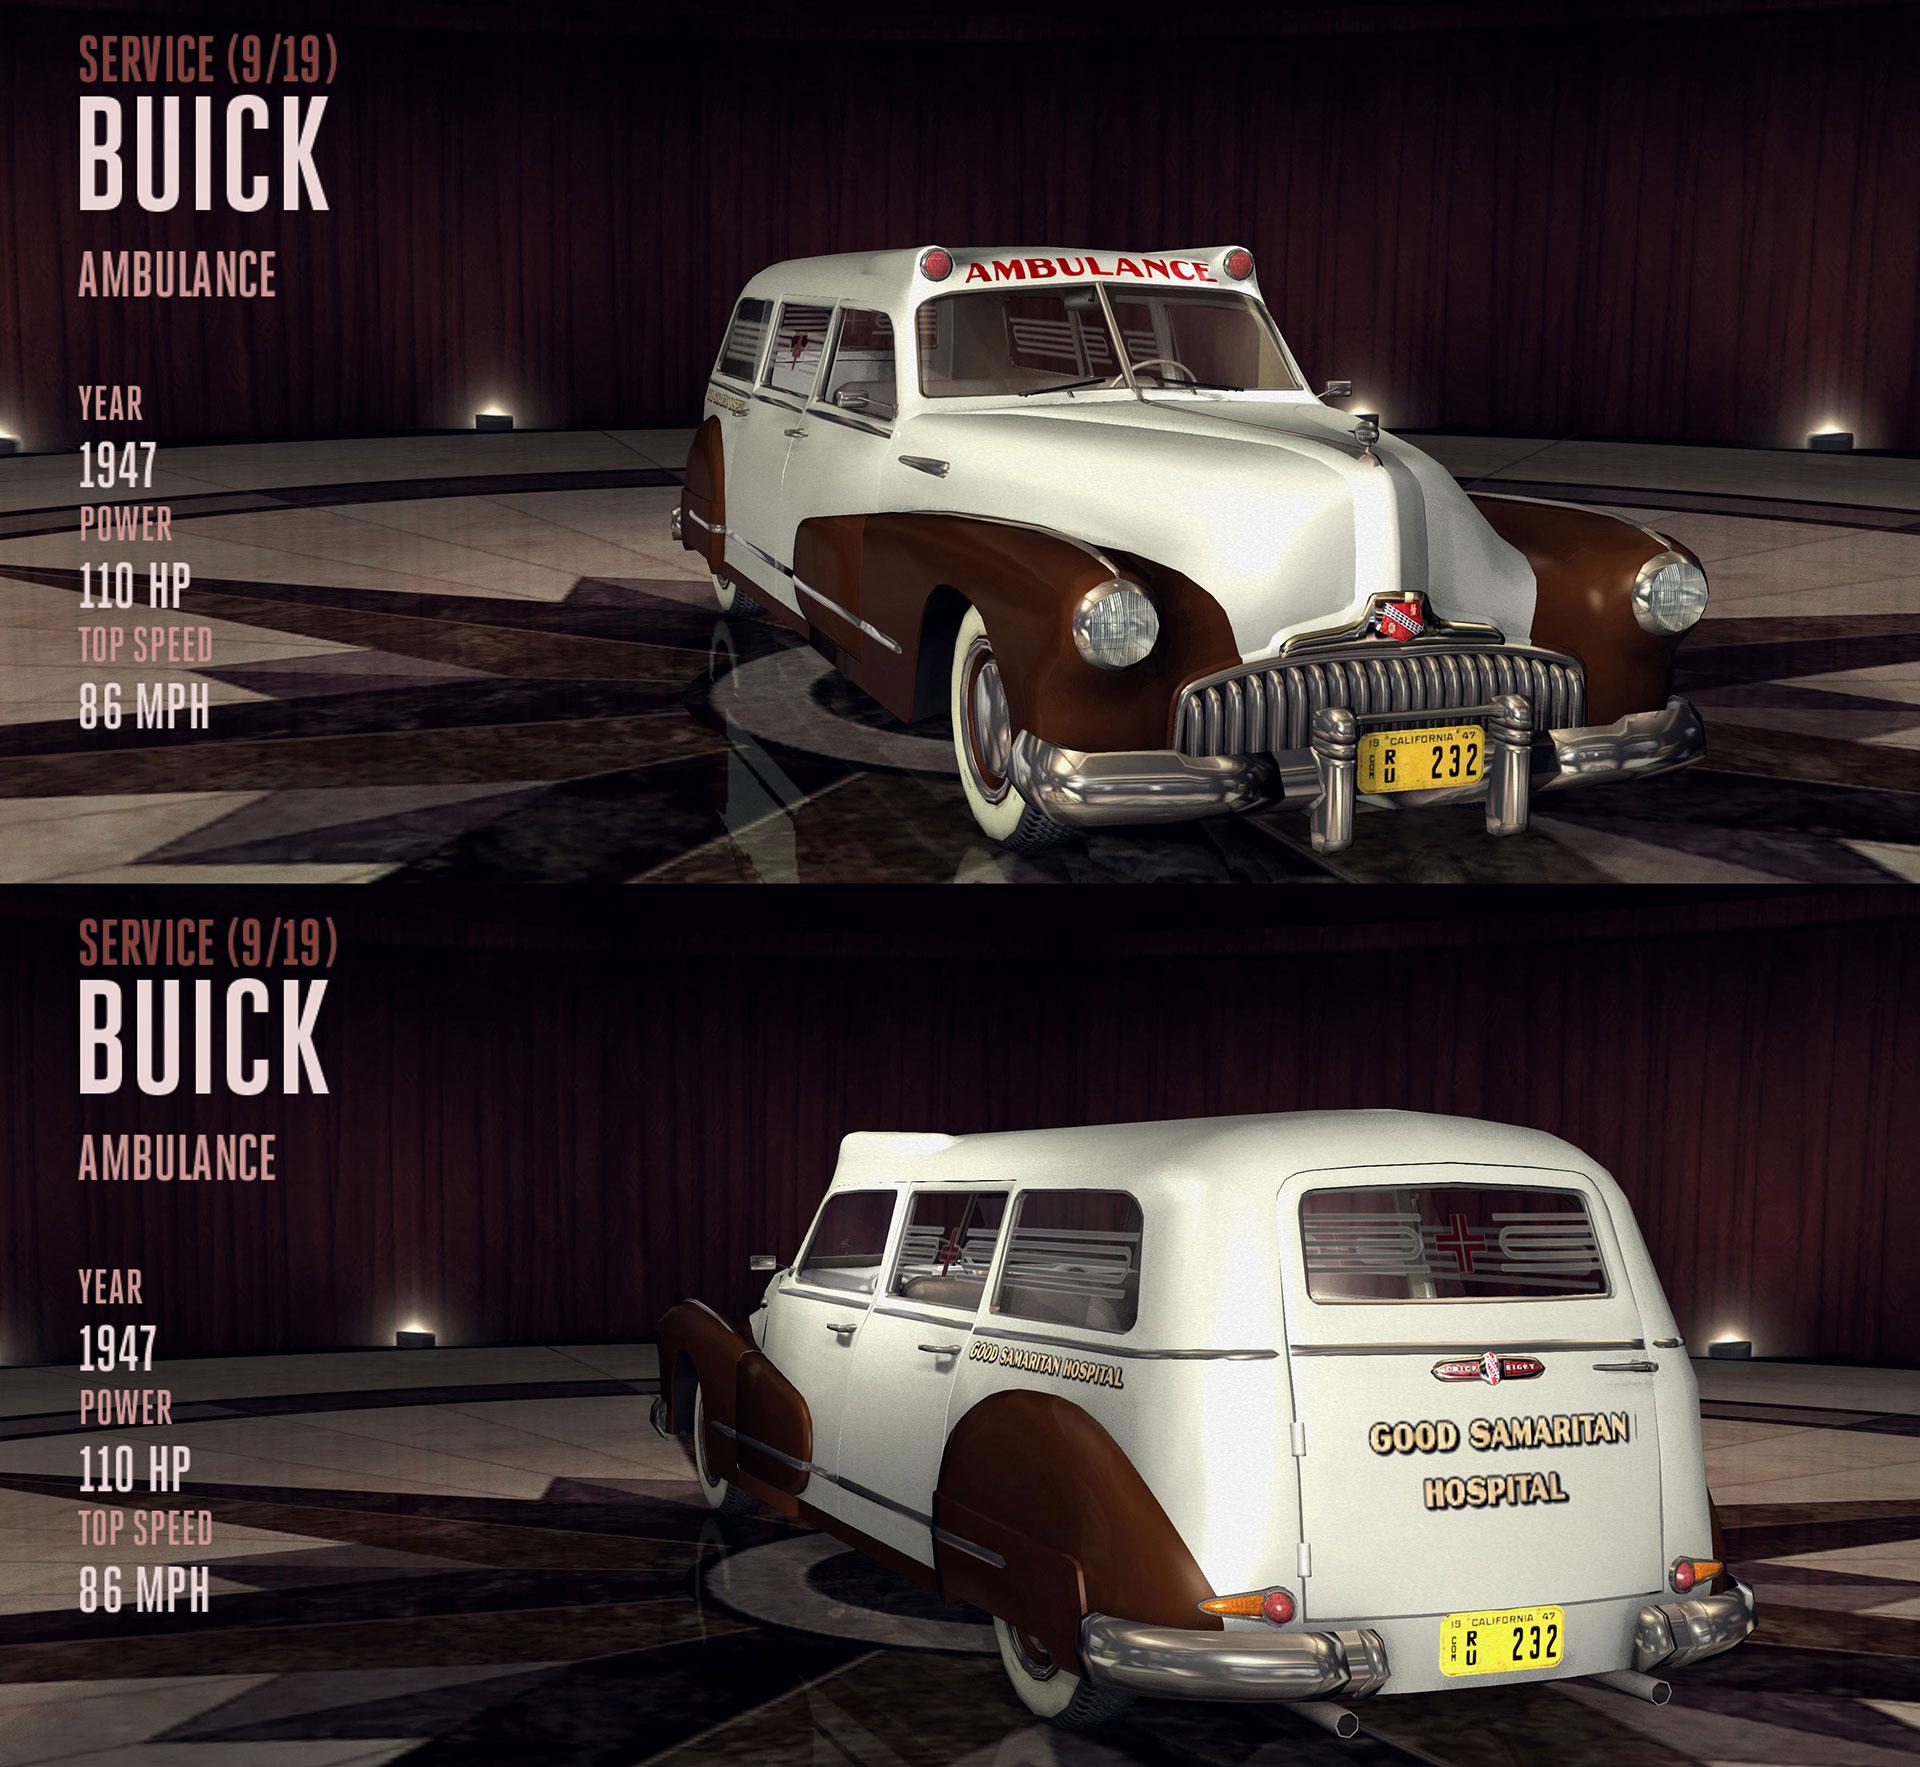 Buick Ambulance